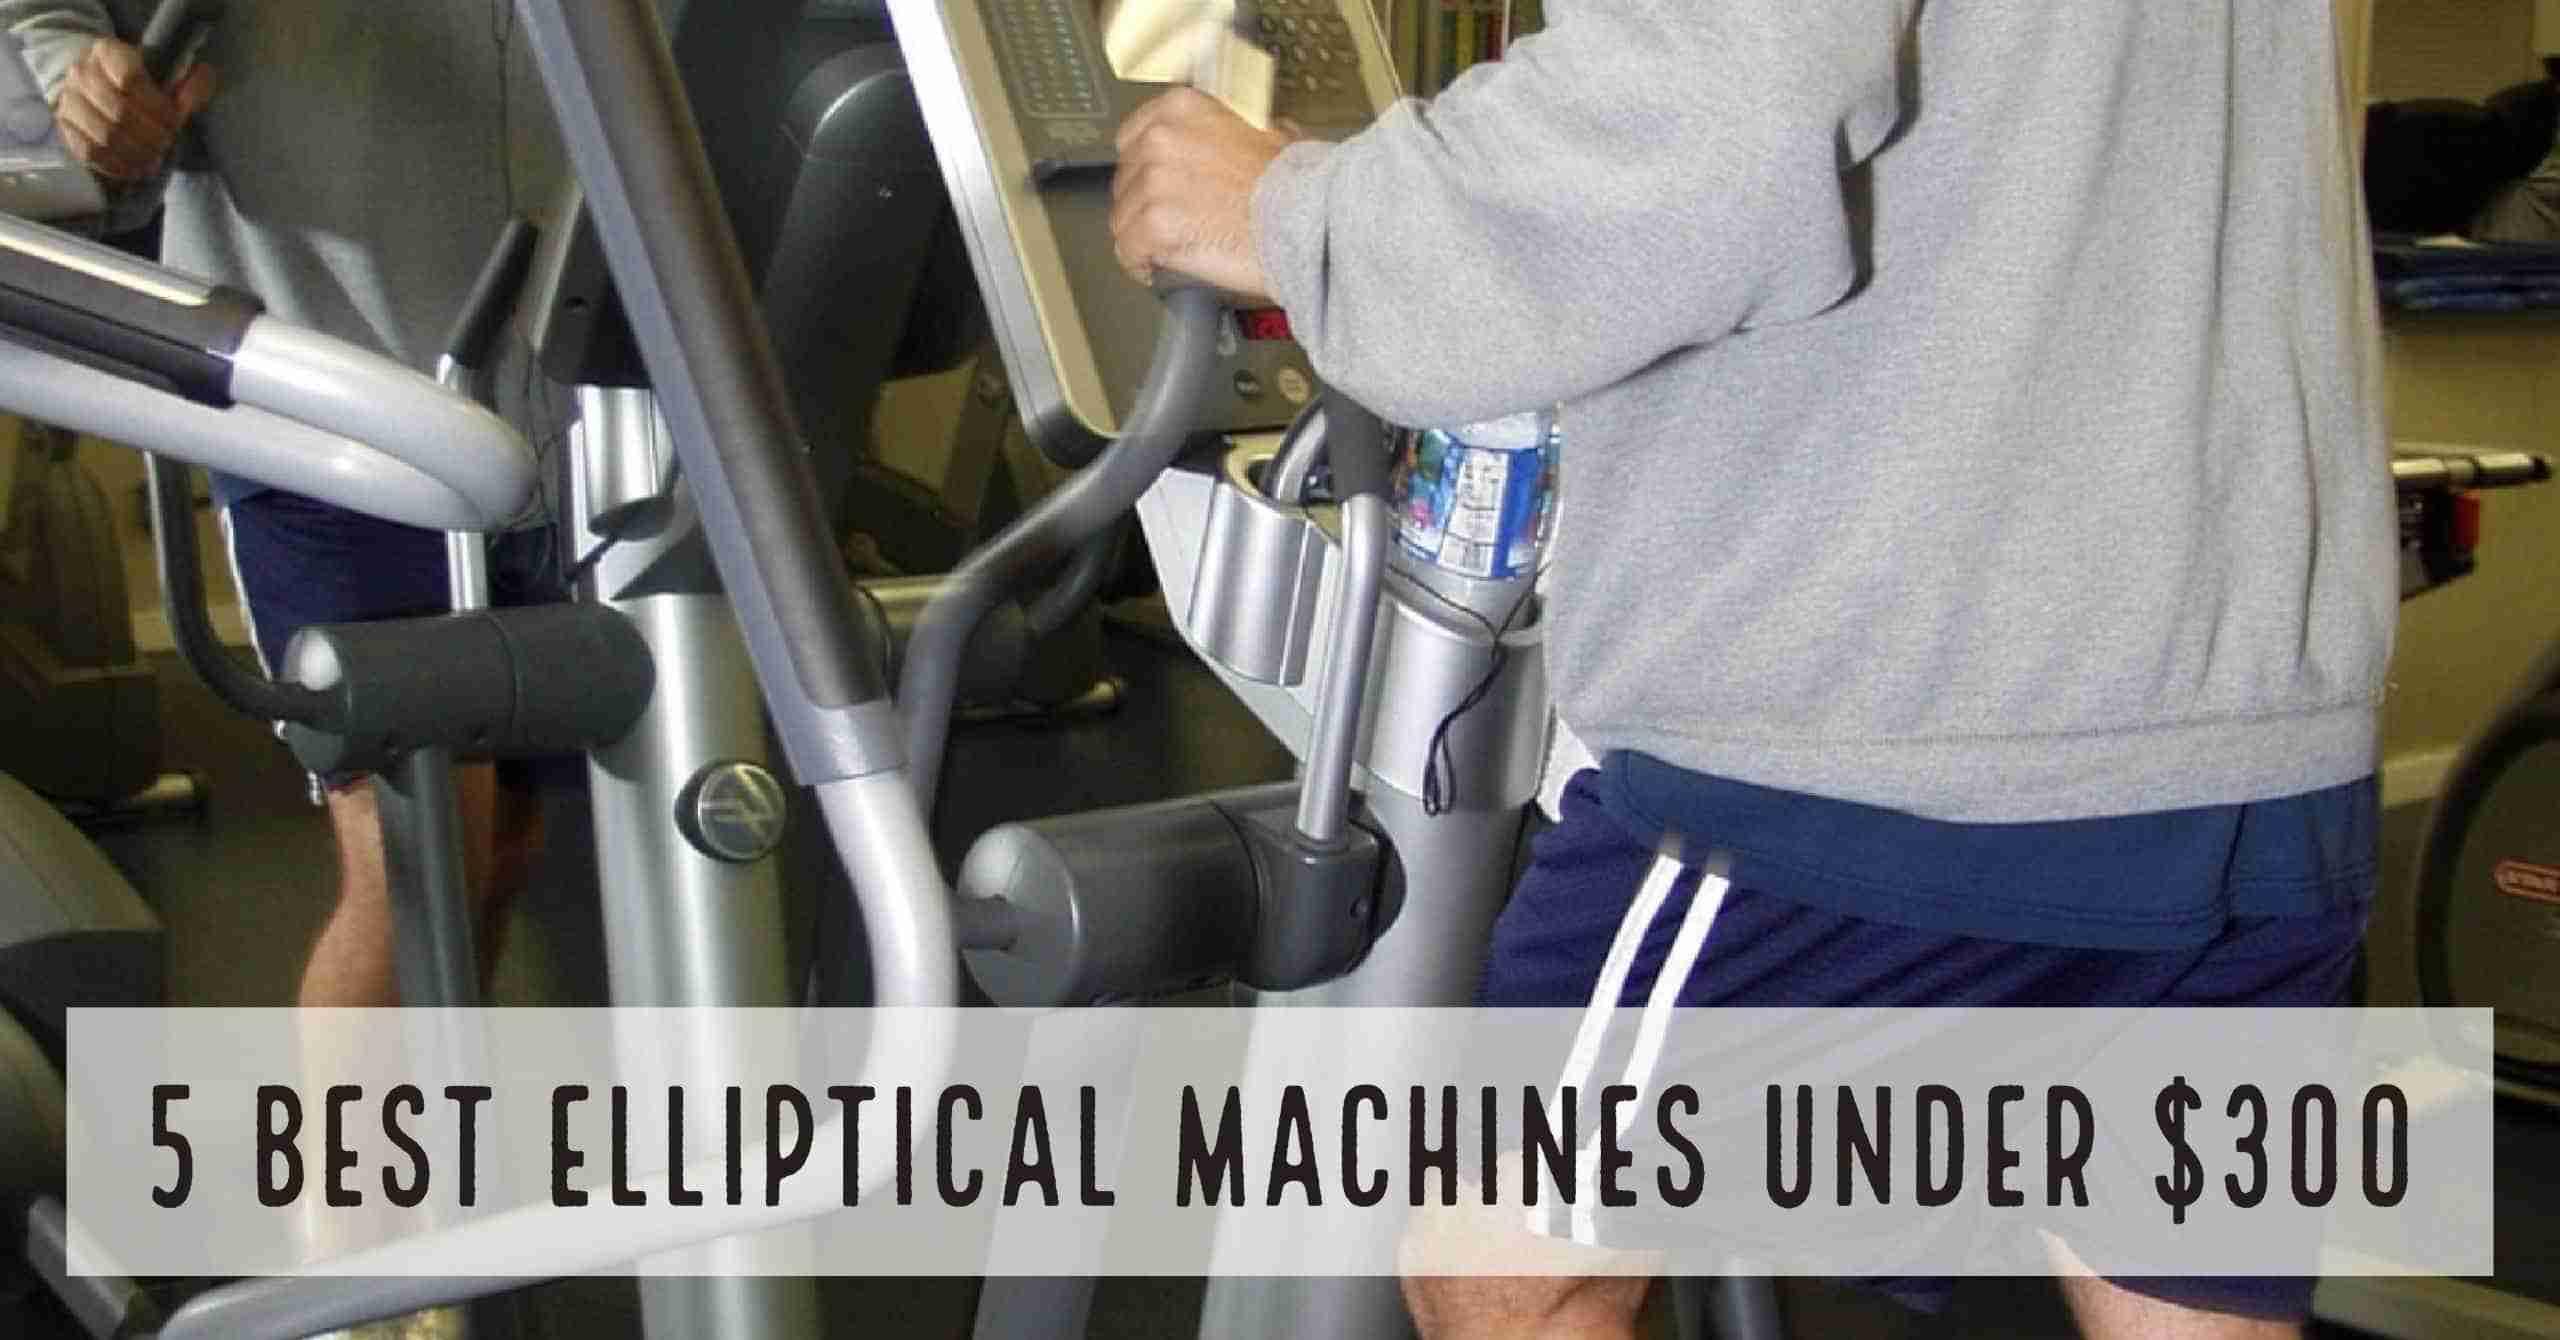 The 5 Best Elliptical Machines Under $300